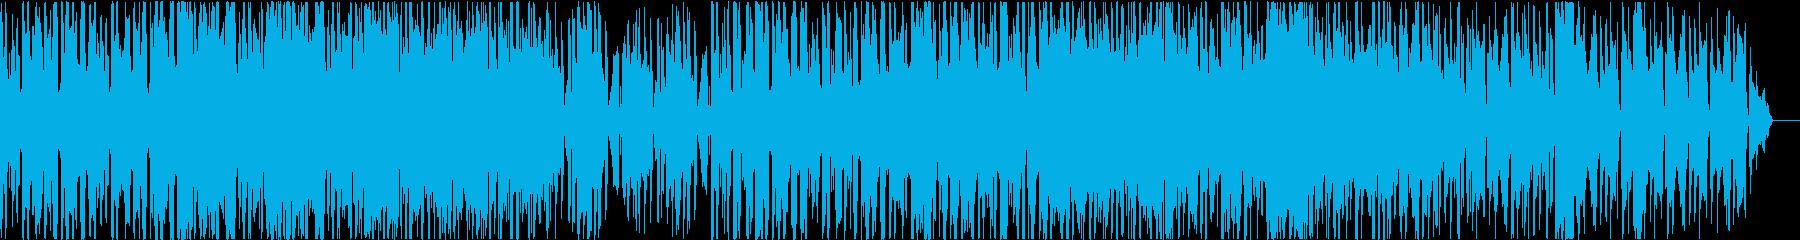 攻撃的エレクトロなインダストリアルメタルの再生済みの波形